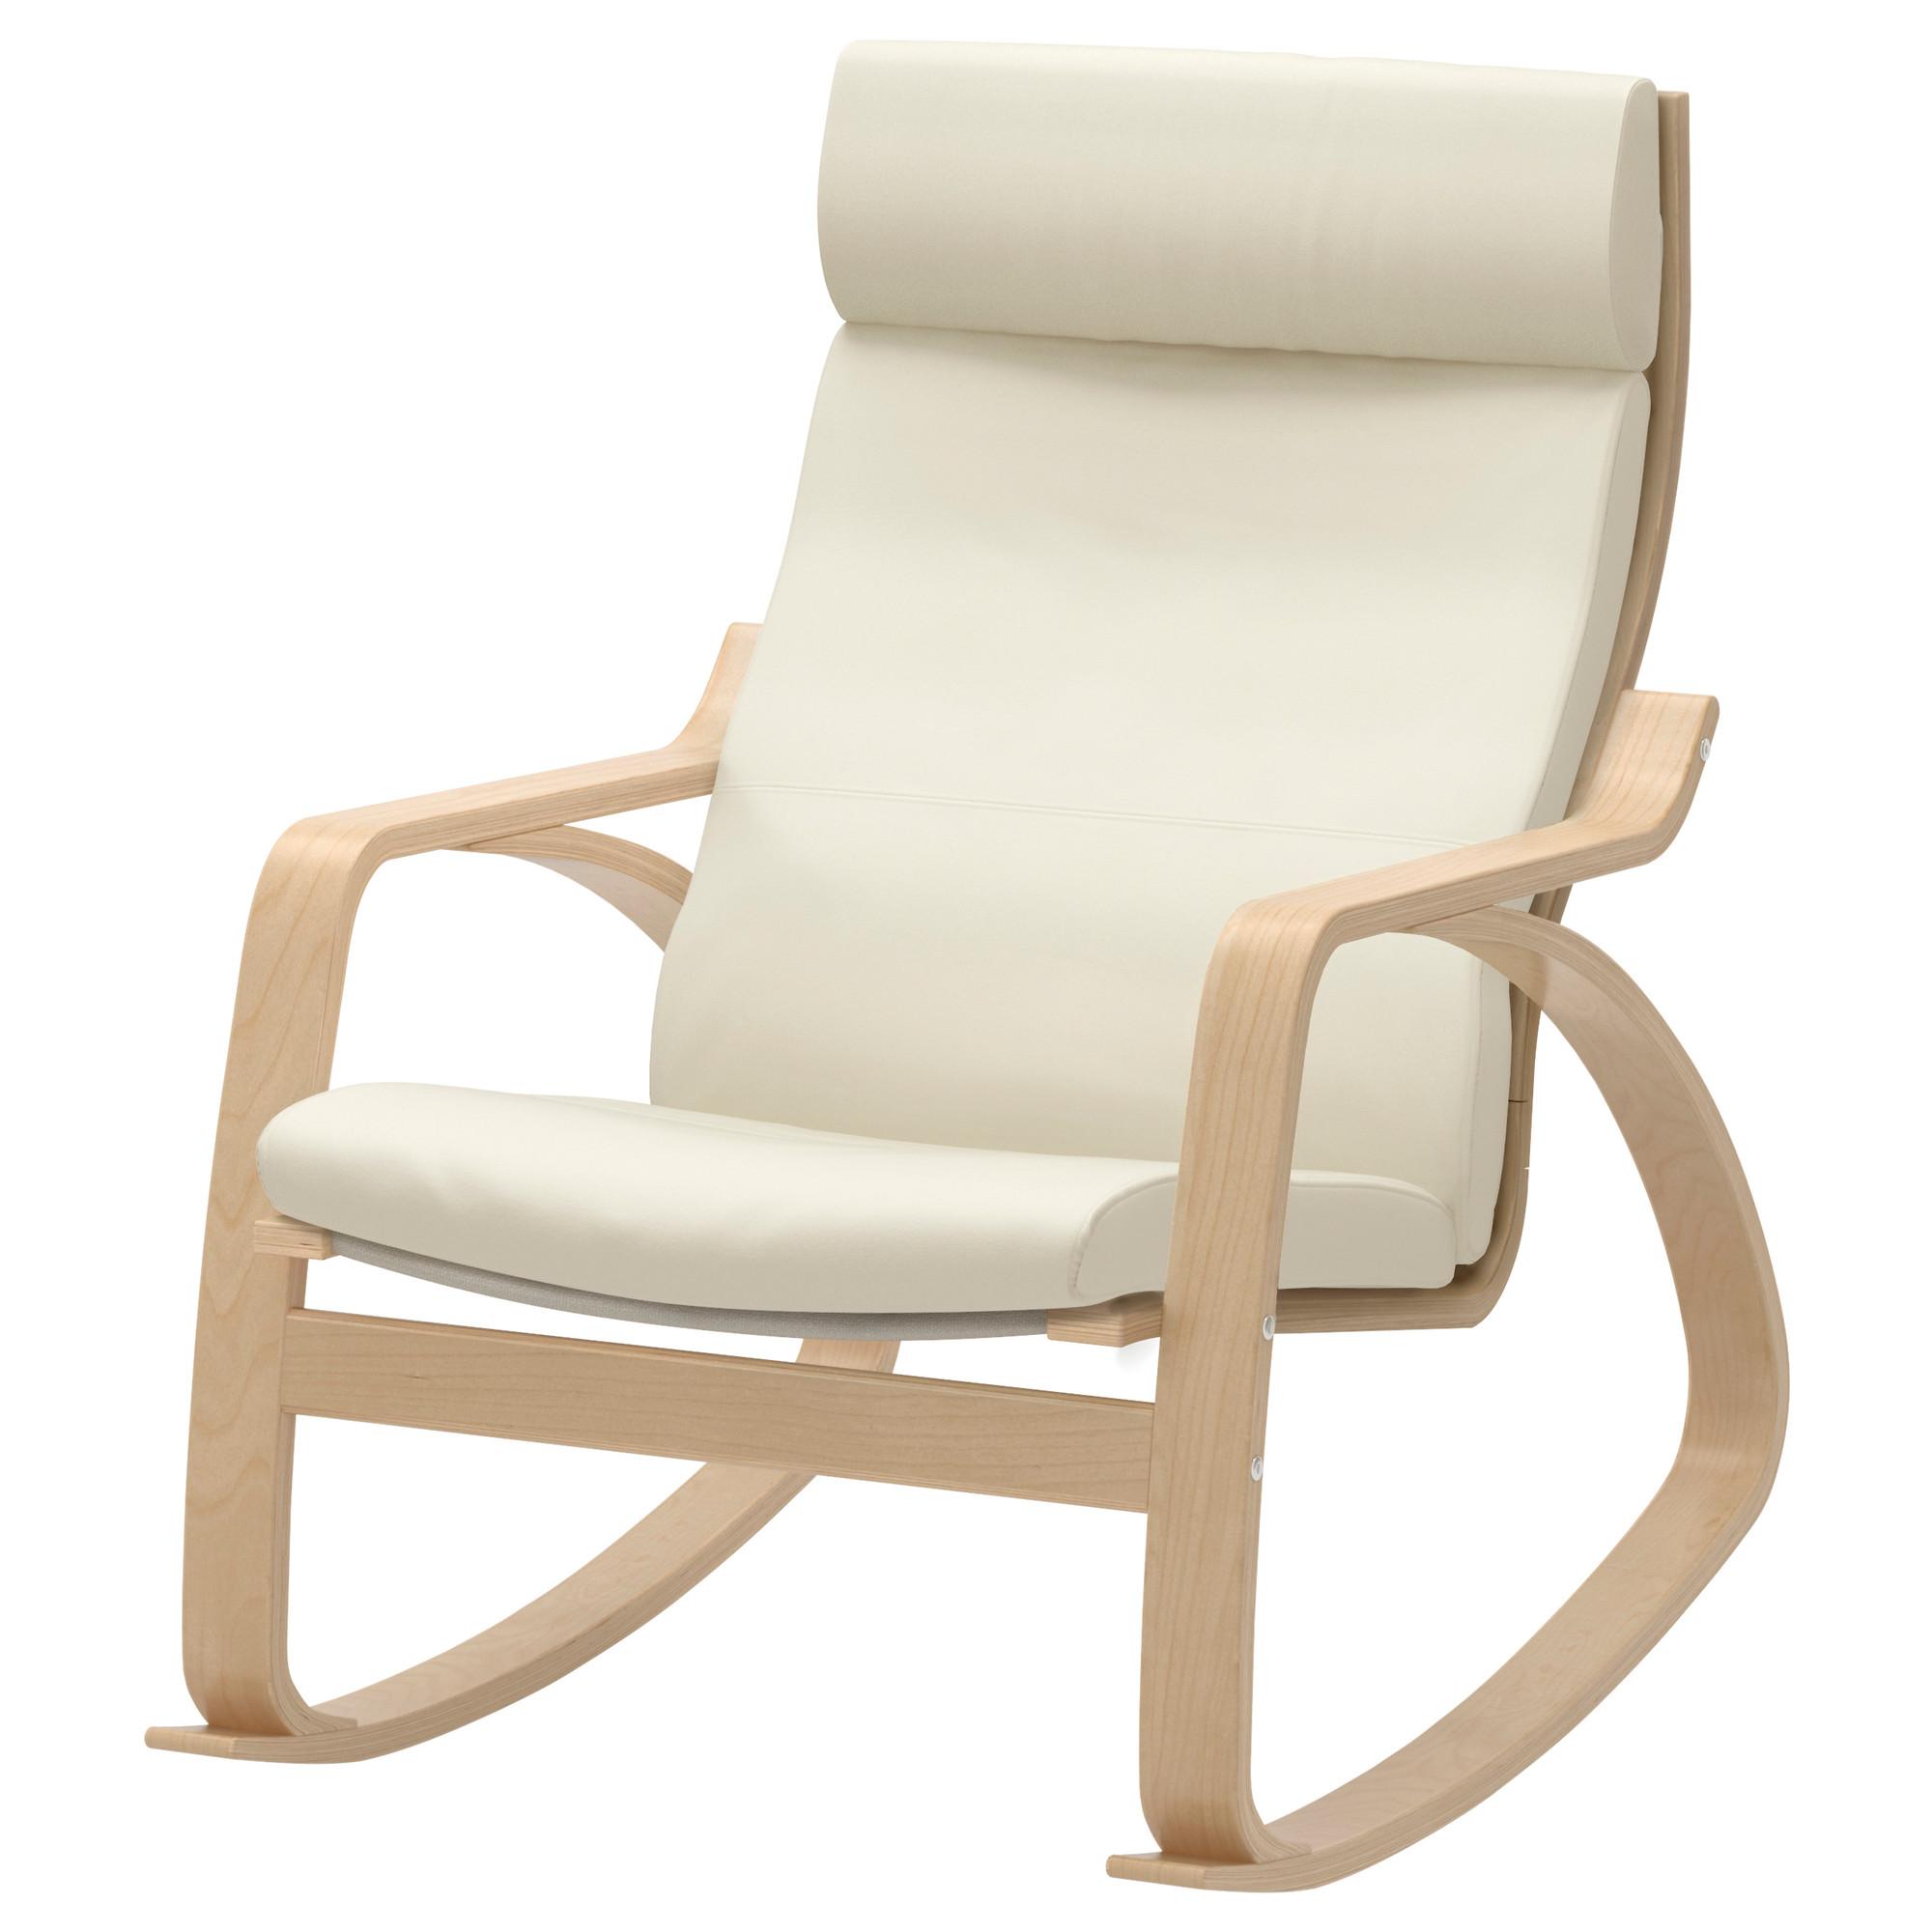 Phenomenal Poang Spiritservingveterans Wood Chair Design Ideas Spiritservingveteransorg